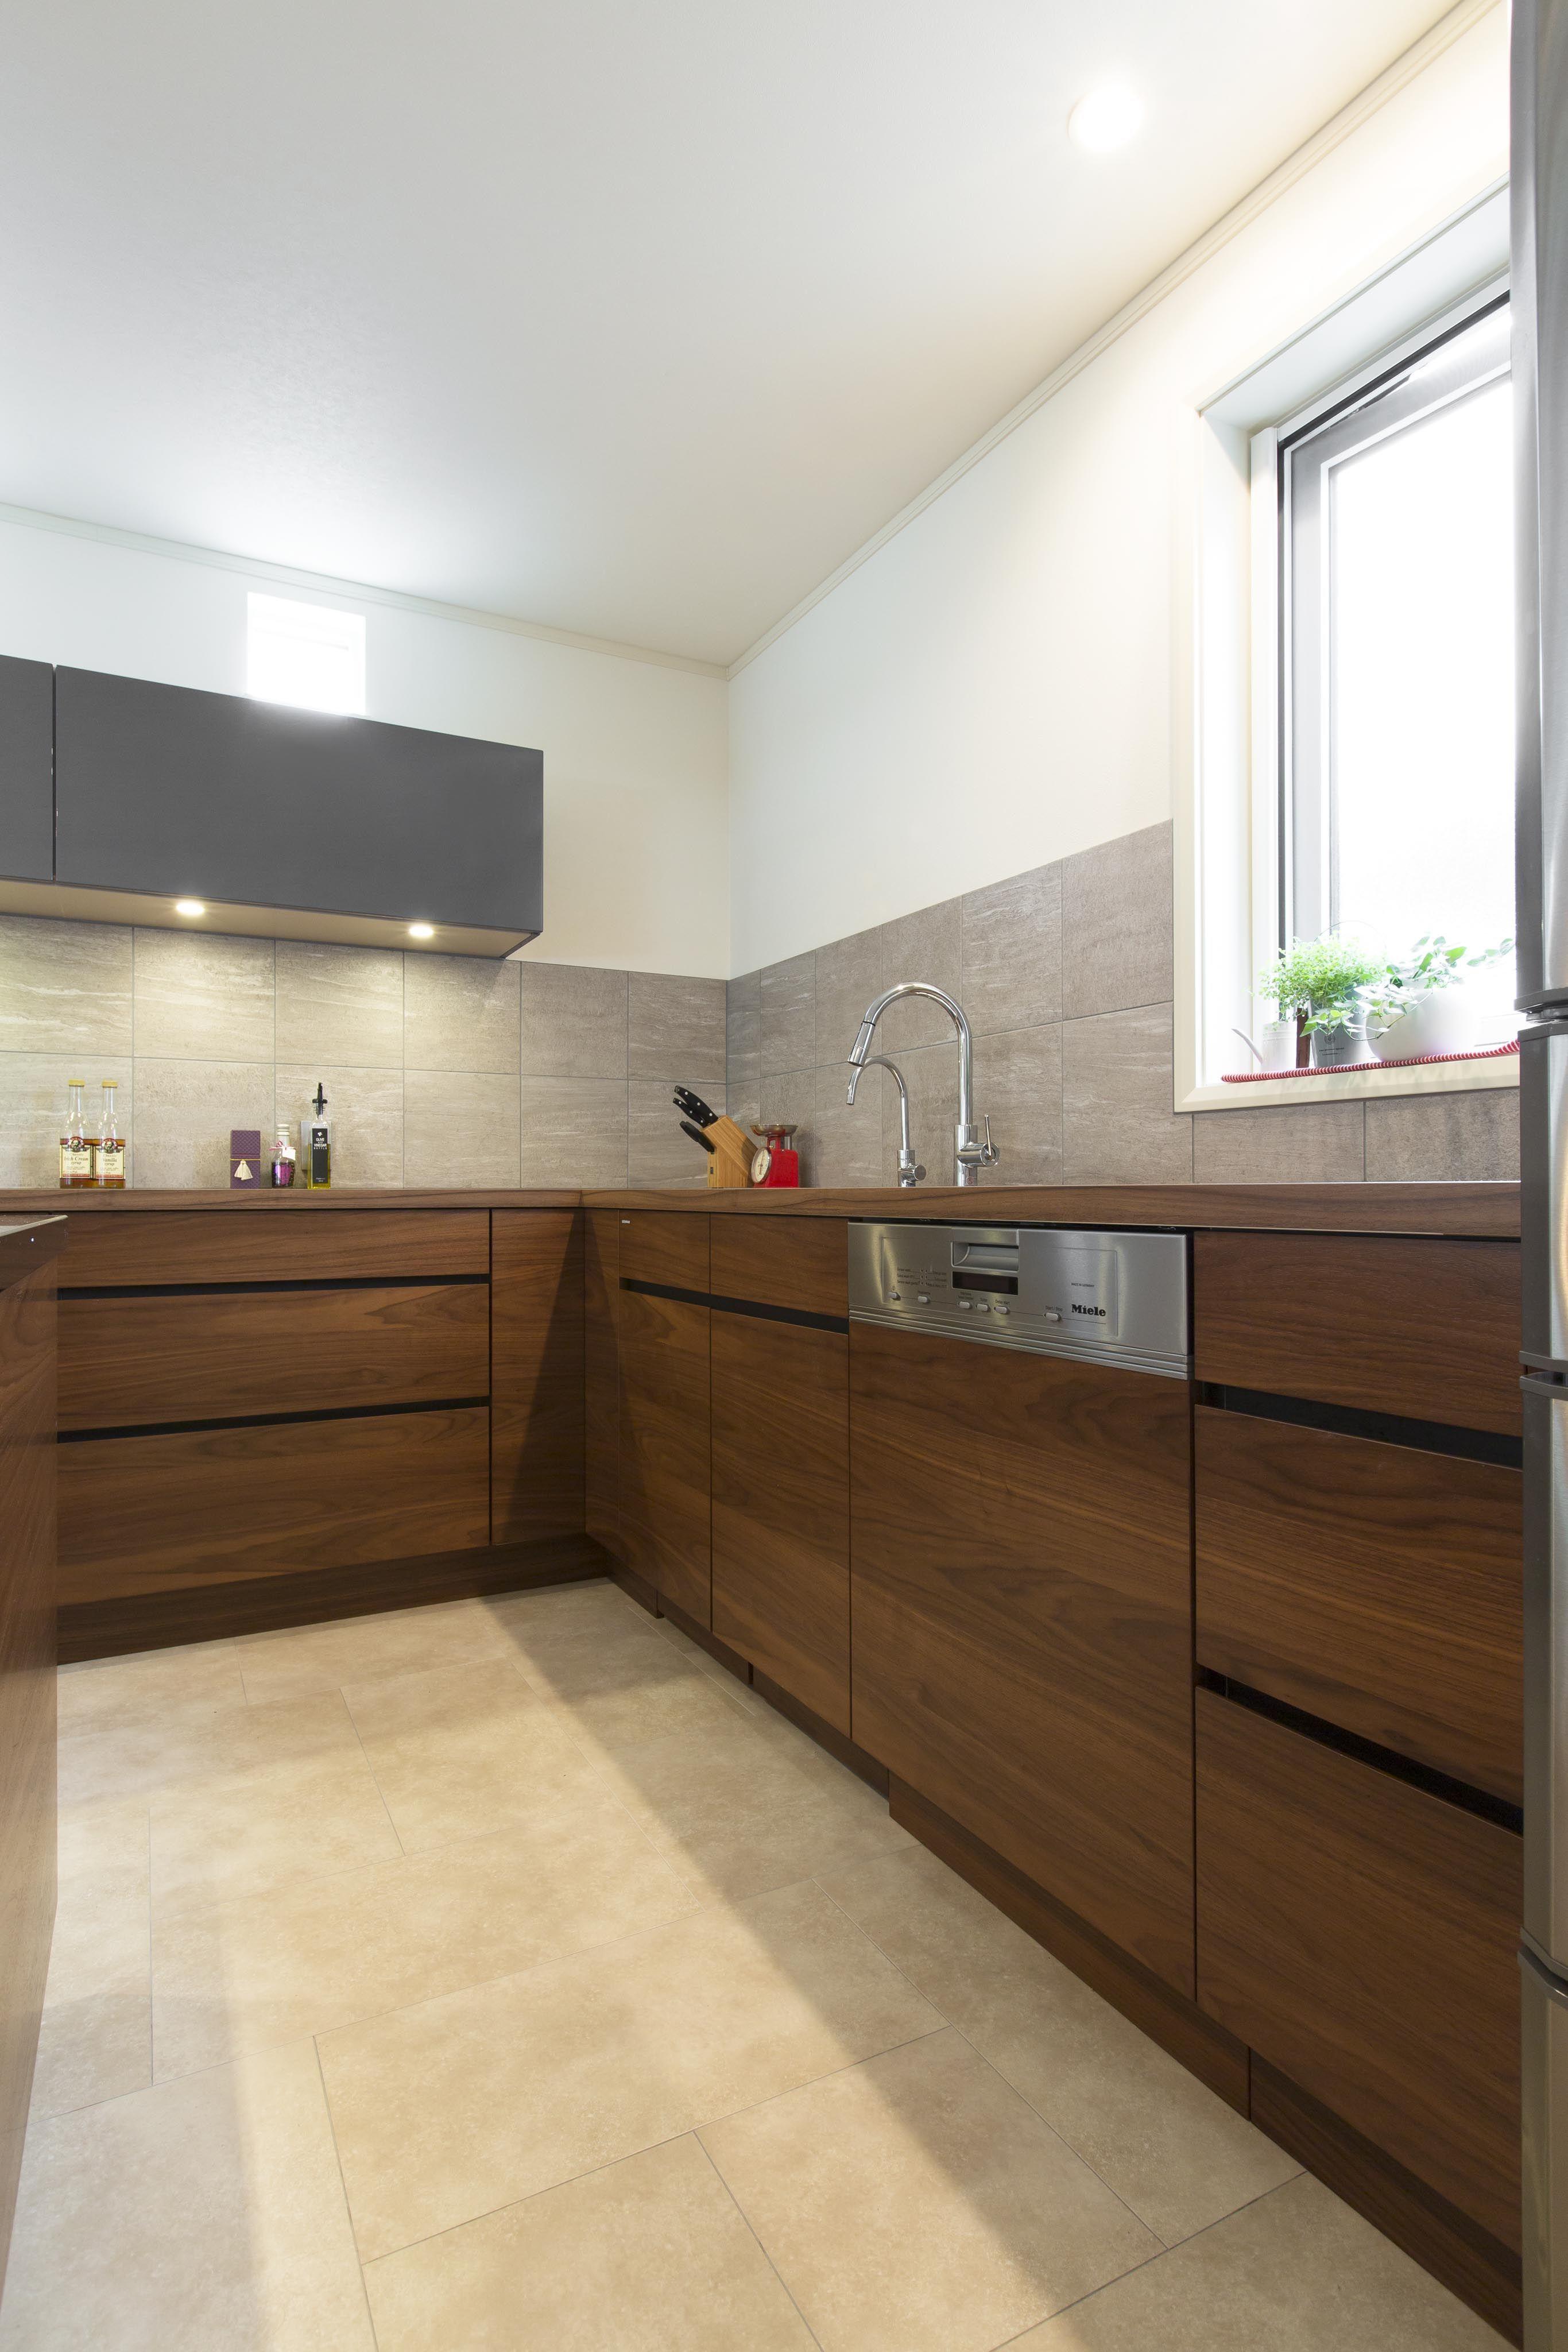 オーダーキッチン L型キッチン 木目 飾り棚 オープンシェルフ Home Decor Home Kitchen Cabinets